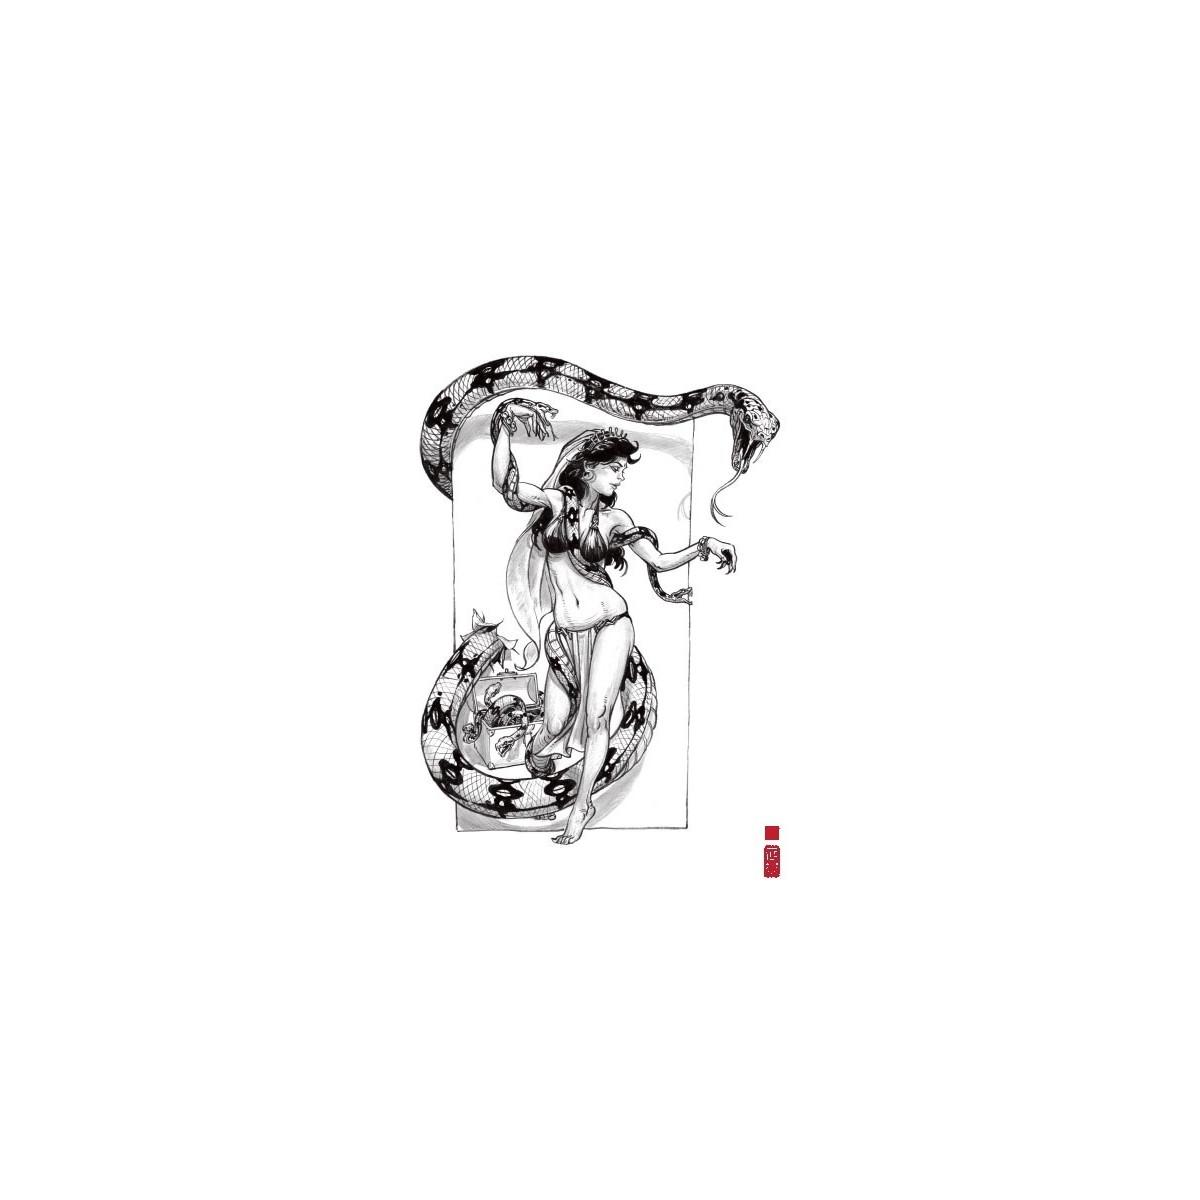 Ex-libris 'Snake Dance' 20x30 cm - Signé & Numéroté (149 ex.)